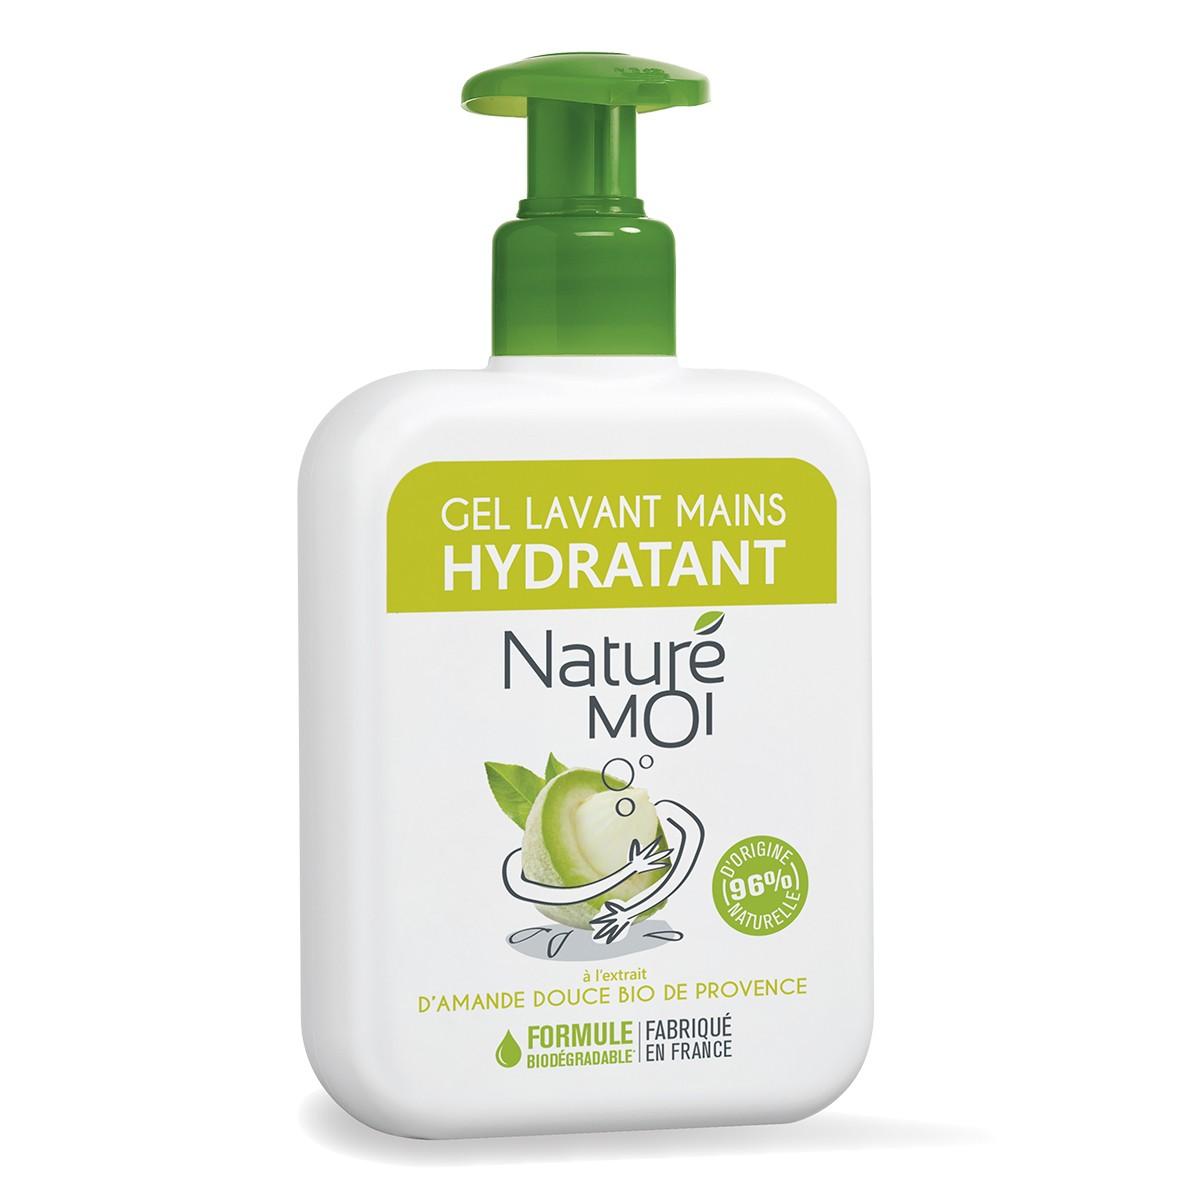 Gel Lavant Mains Hydratant à l'amande douce BIO de Provence